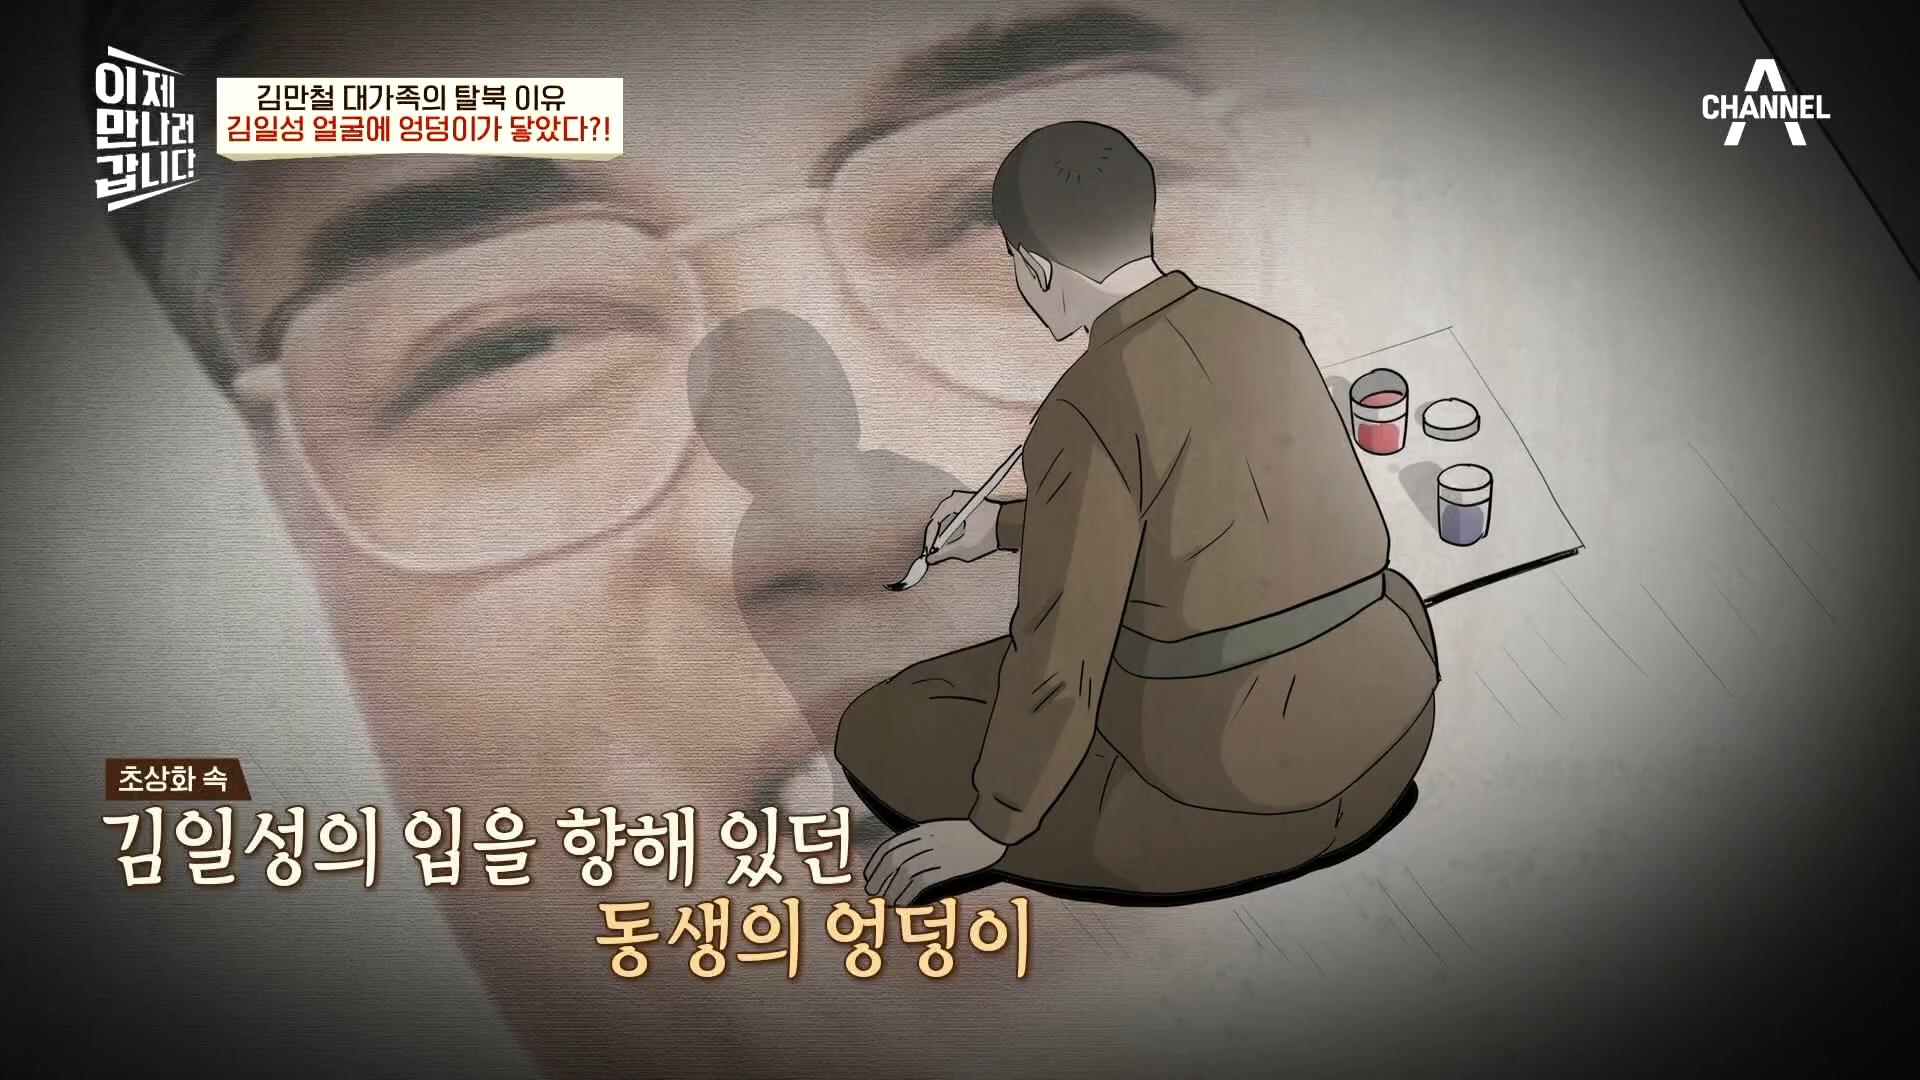 김만철 동생, 김일성의 초상화를 그리다가 총살당하다? 이미지